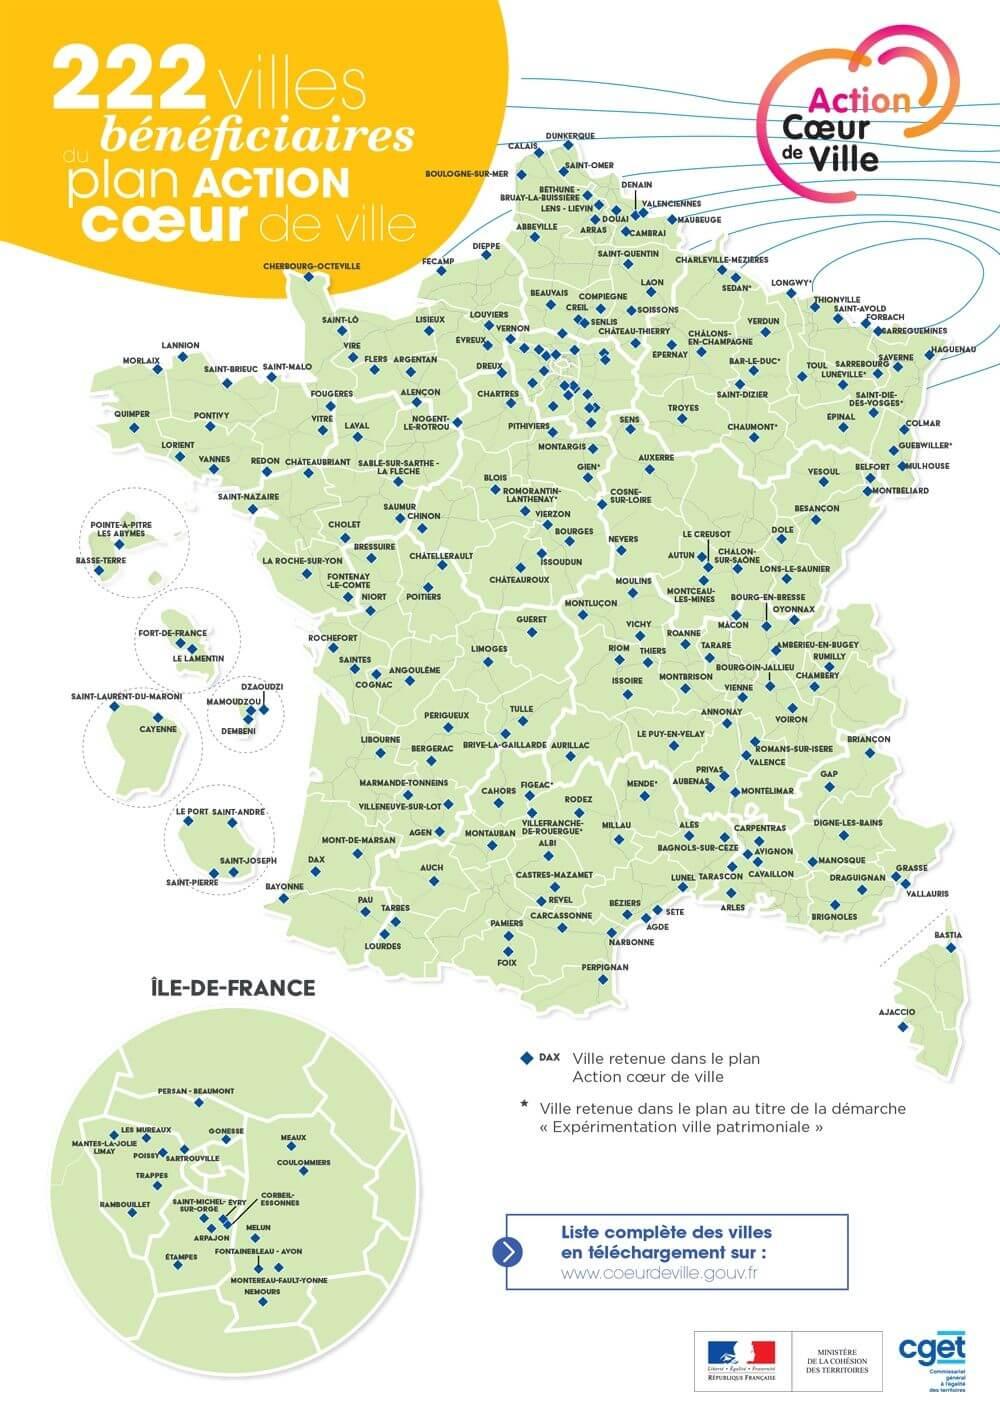 Les villes éligibles au dispositif Pinel/Denormandie en 2019